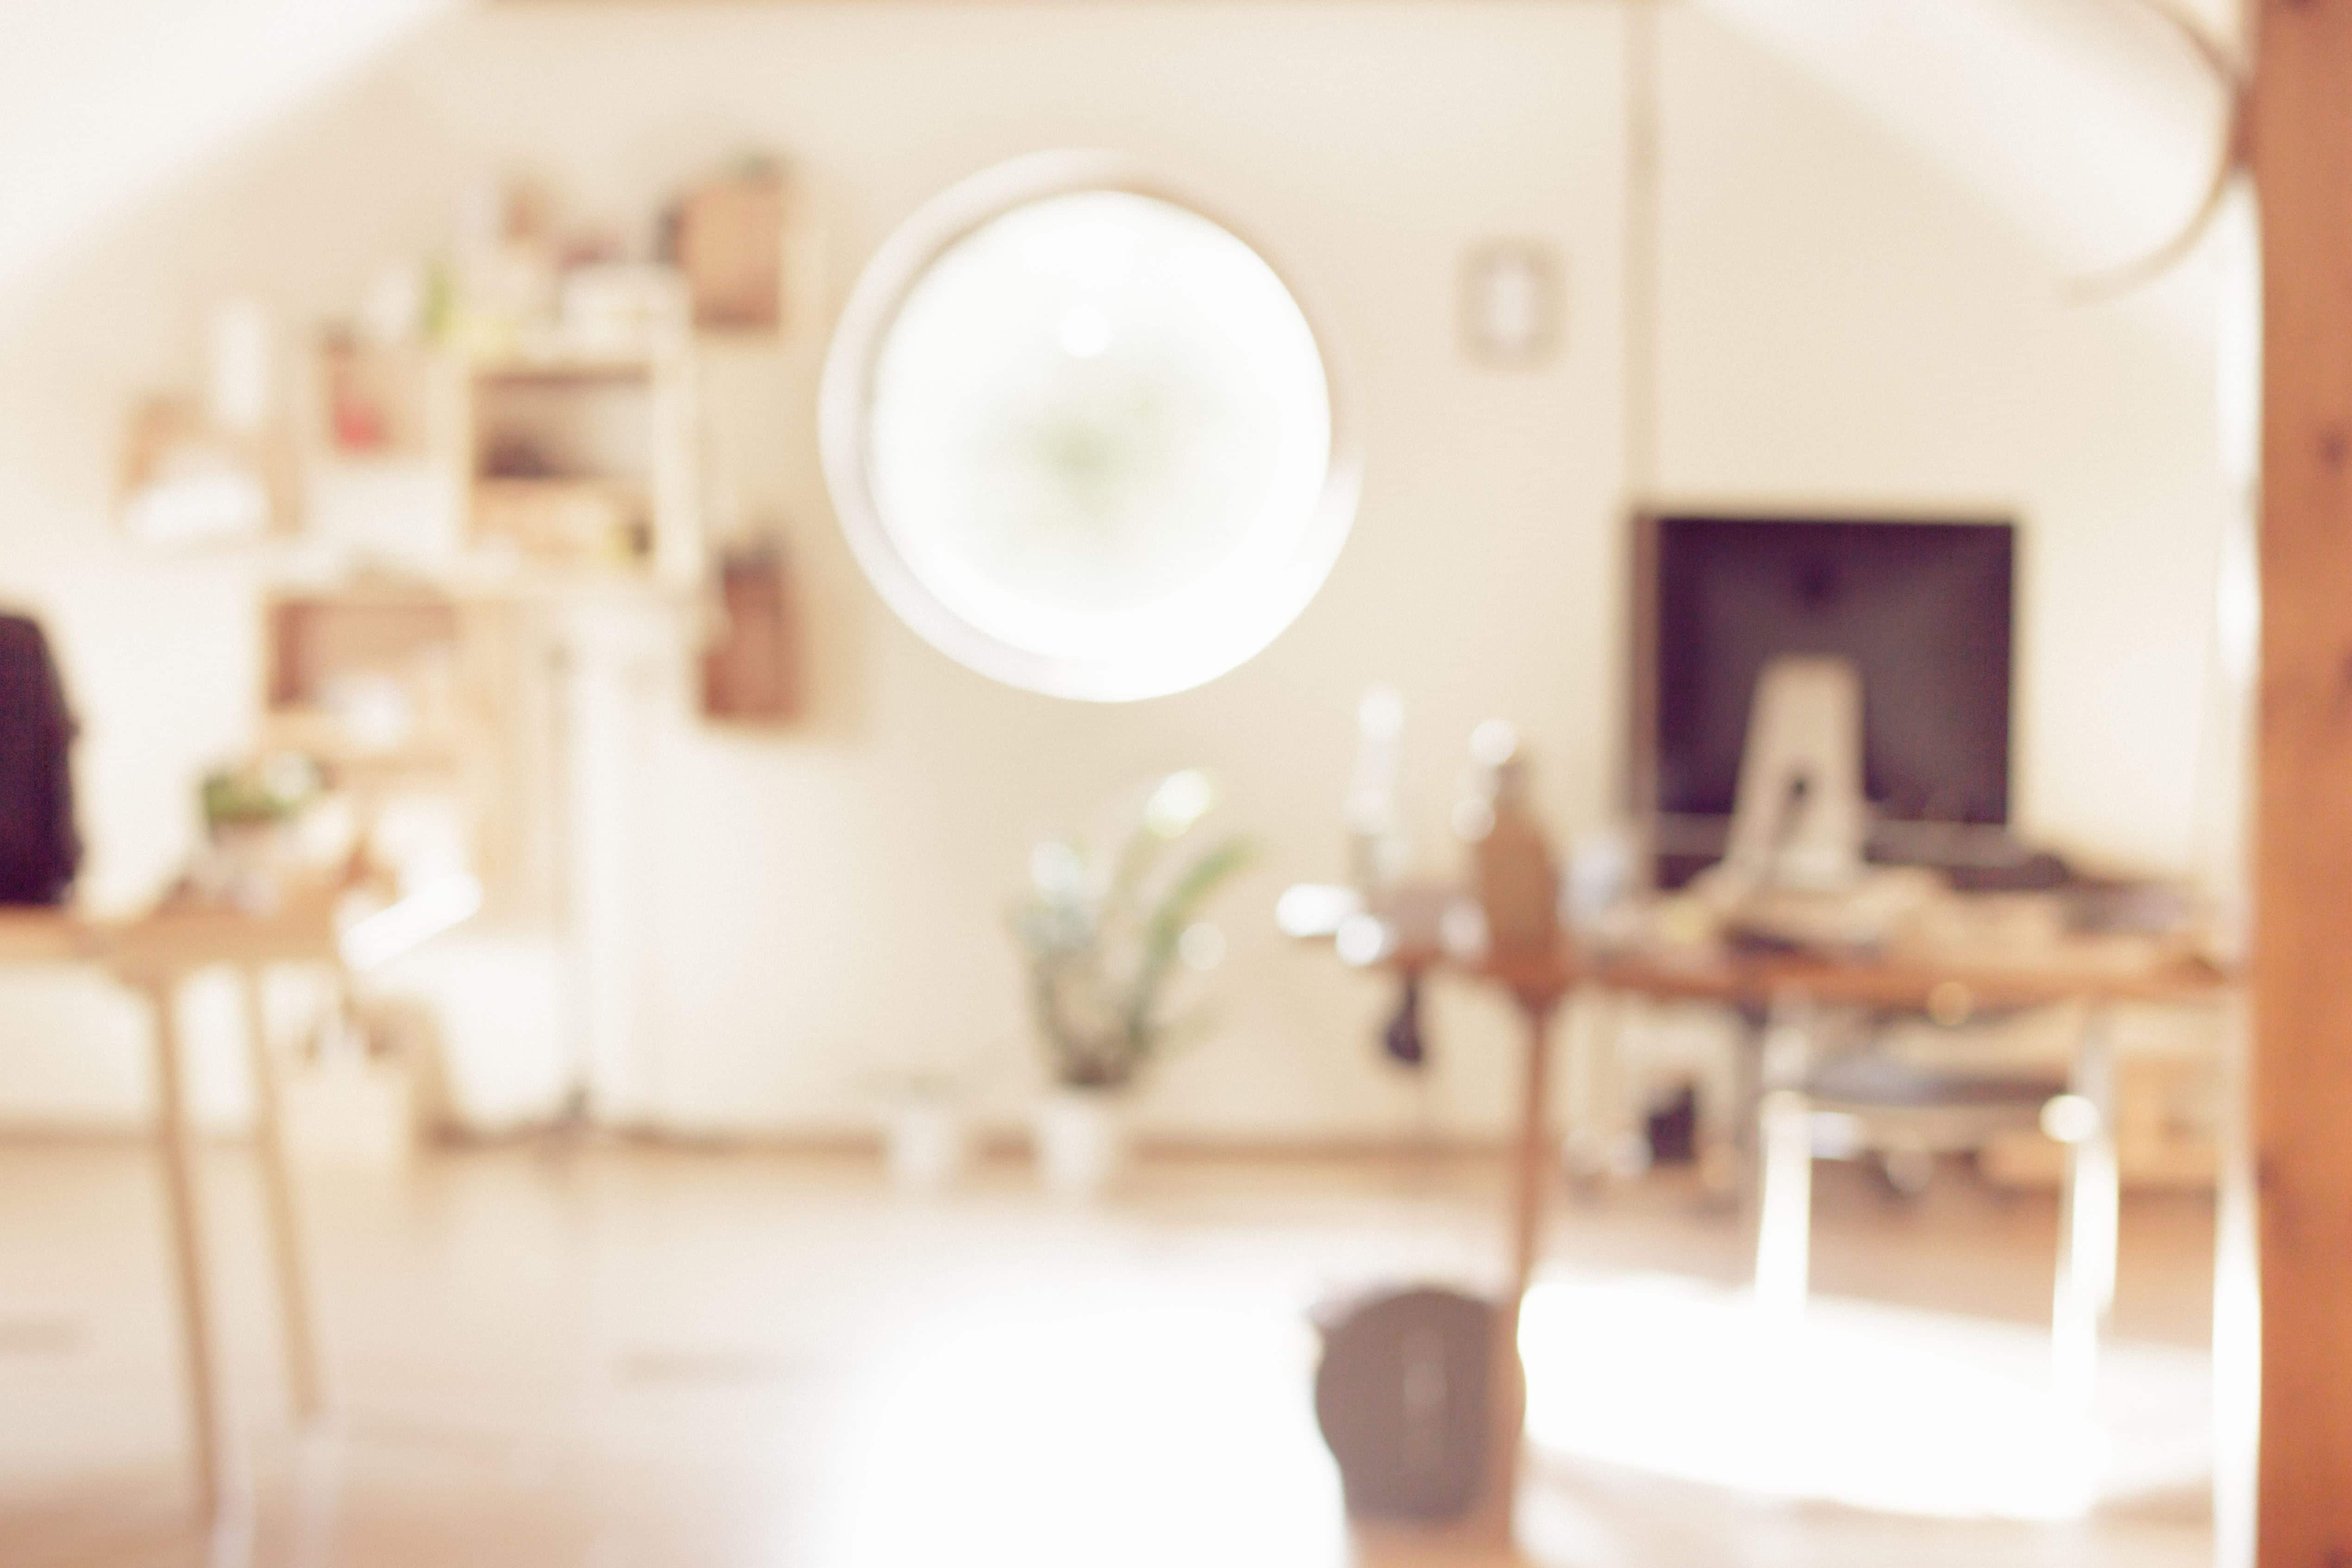 Image Libre Table Interieur Chambre Chaise Meubles Interieur